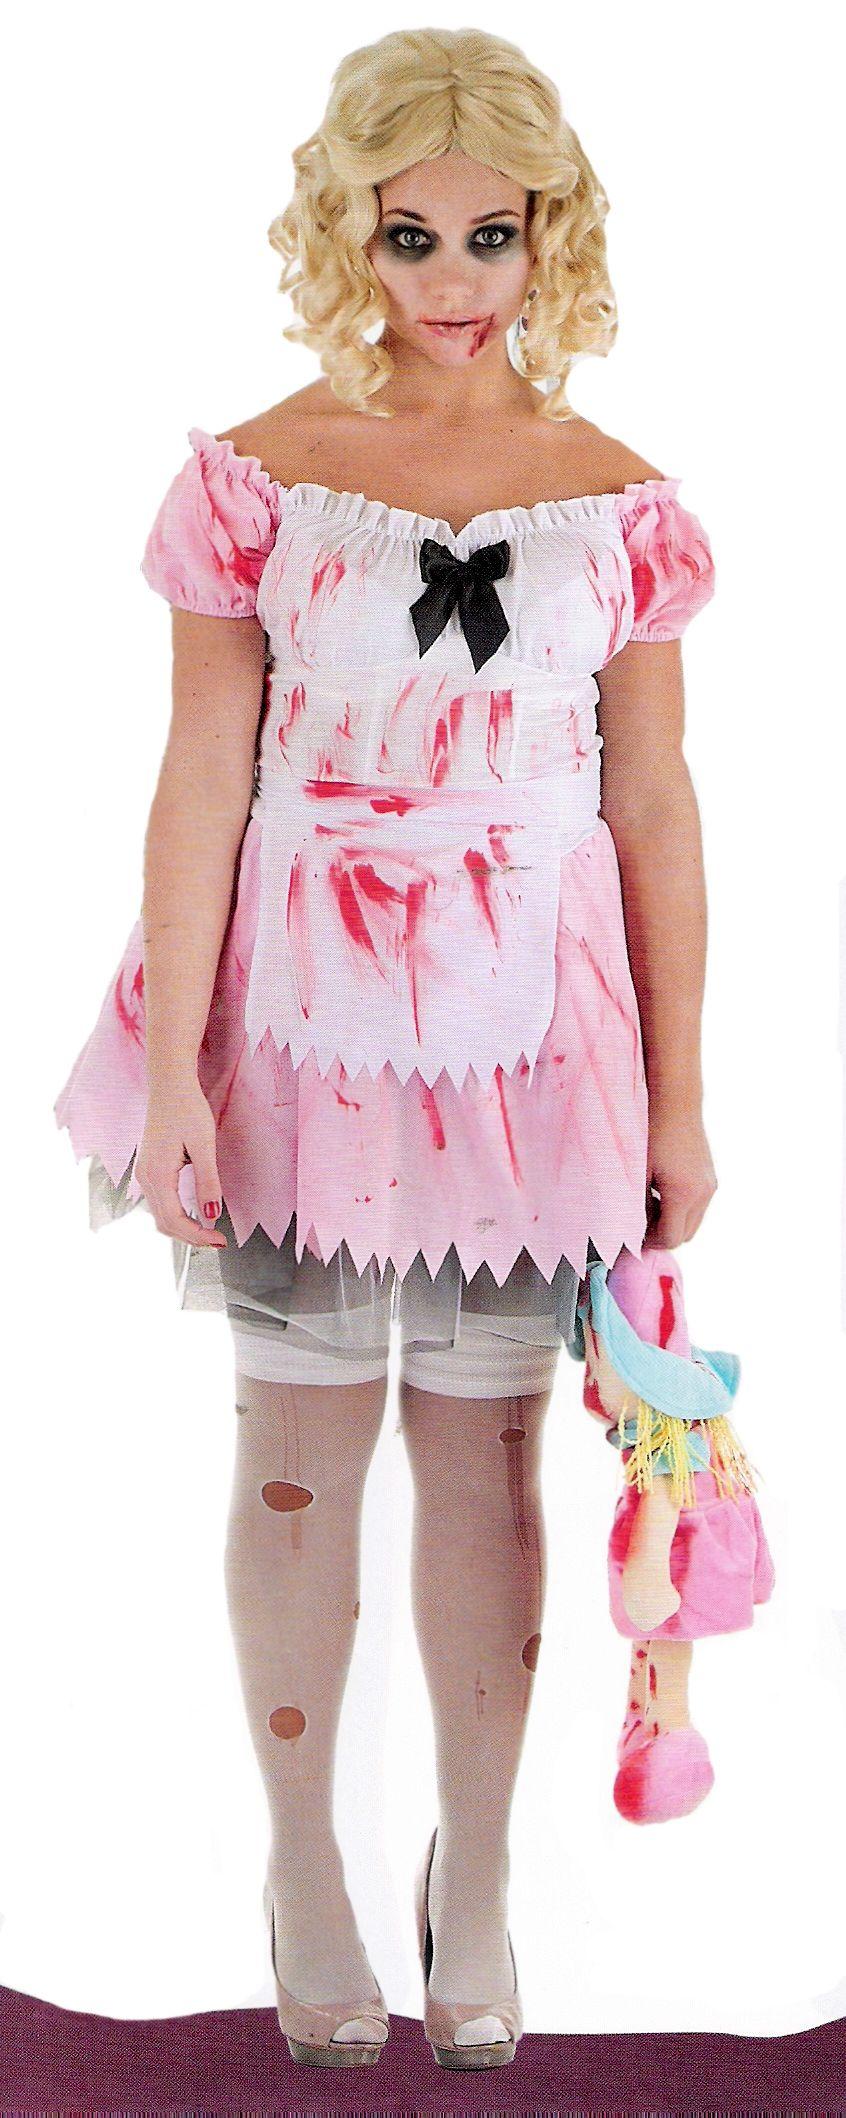 Disfraz de niña zombie halloween Disfraces de niños